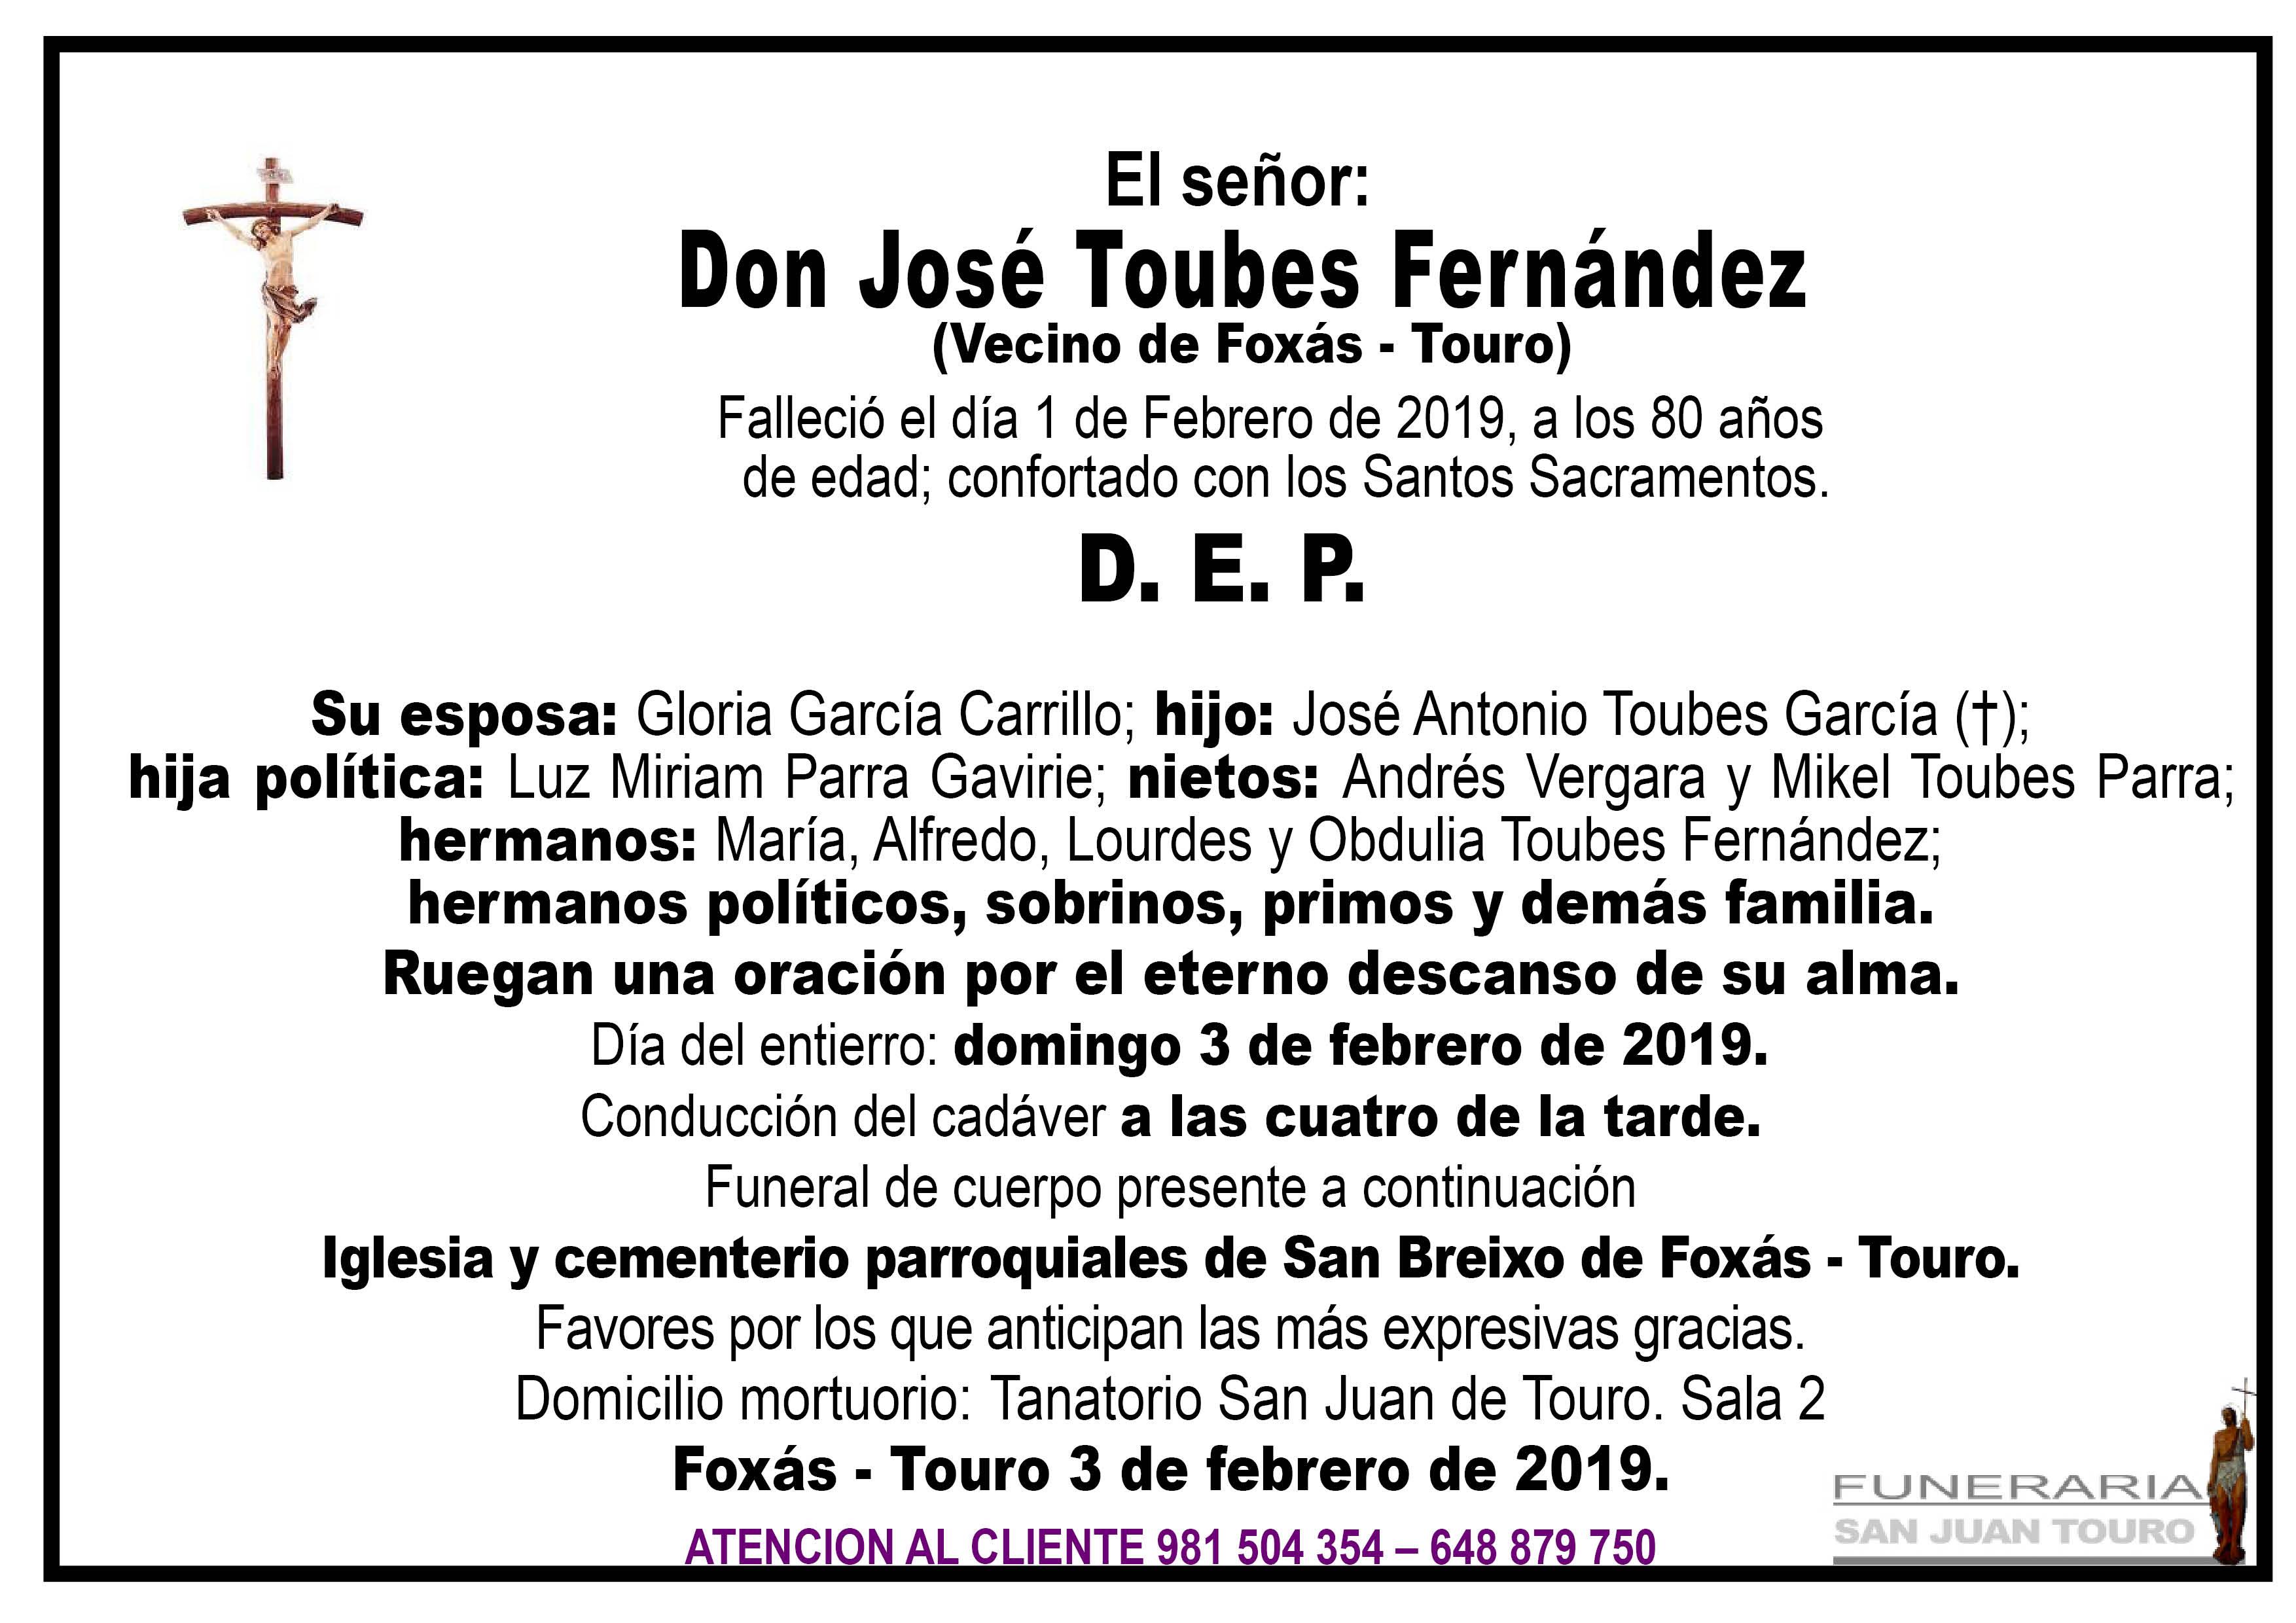 Esquela de SEPELIO DE DON JOSÉ TOUBES FERNÁNDEZ